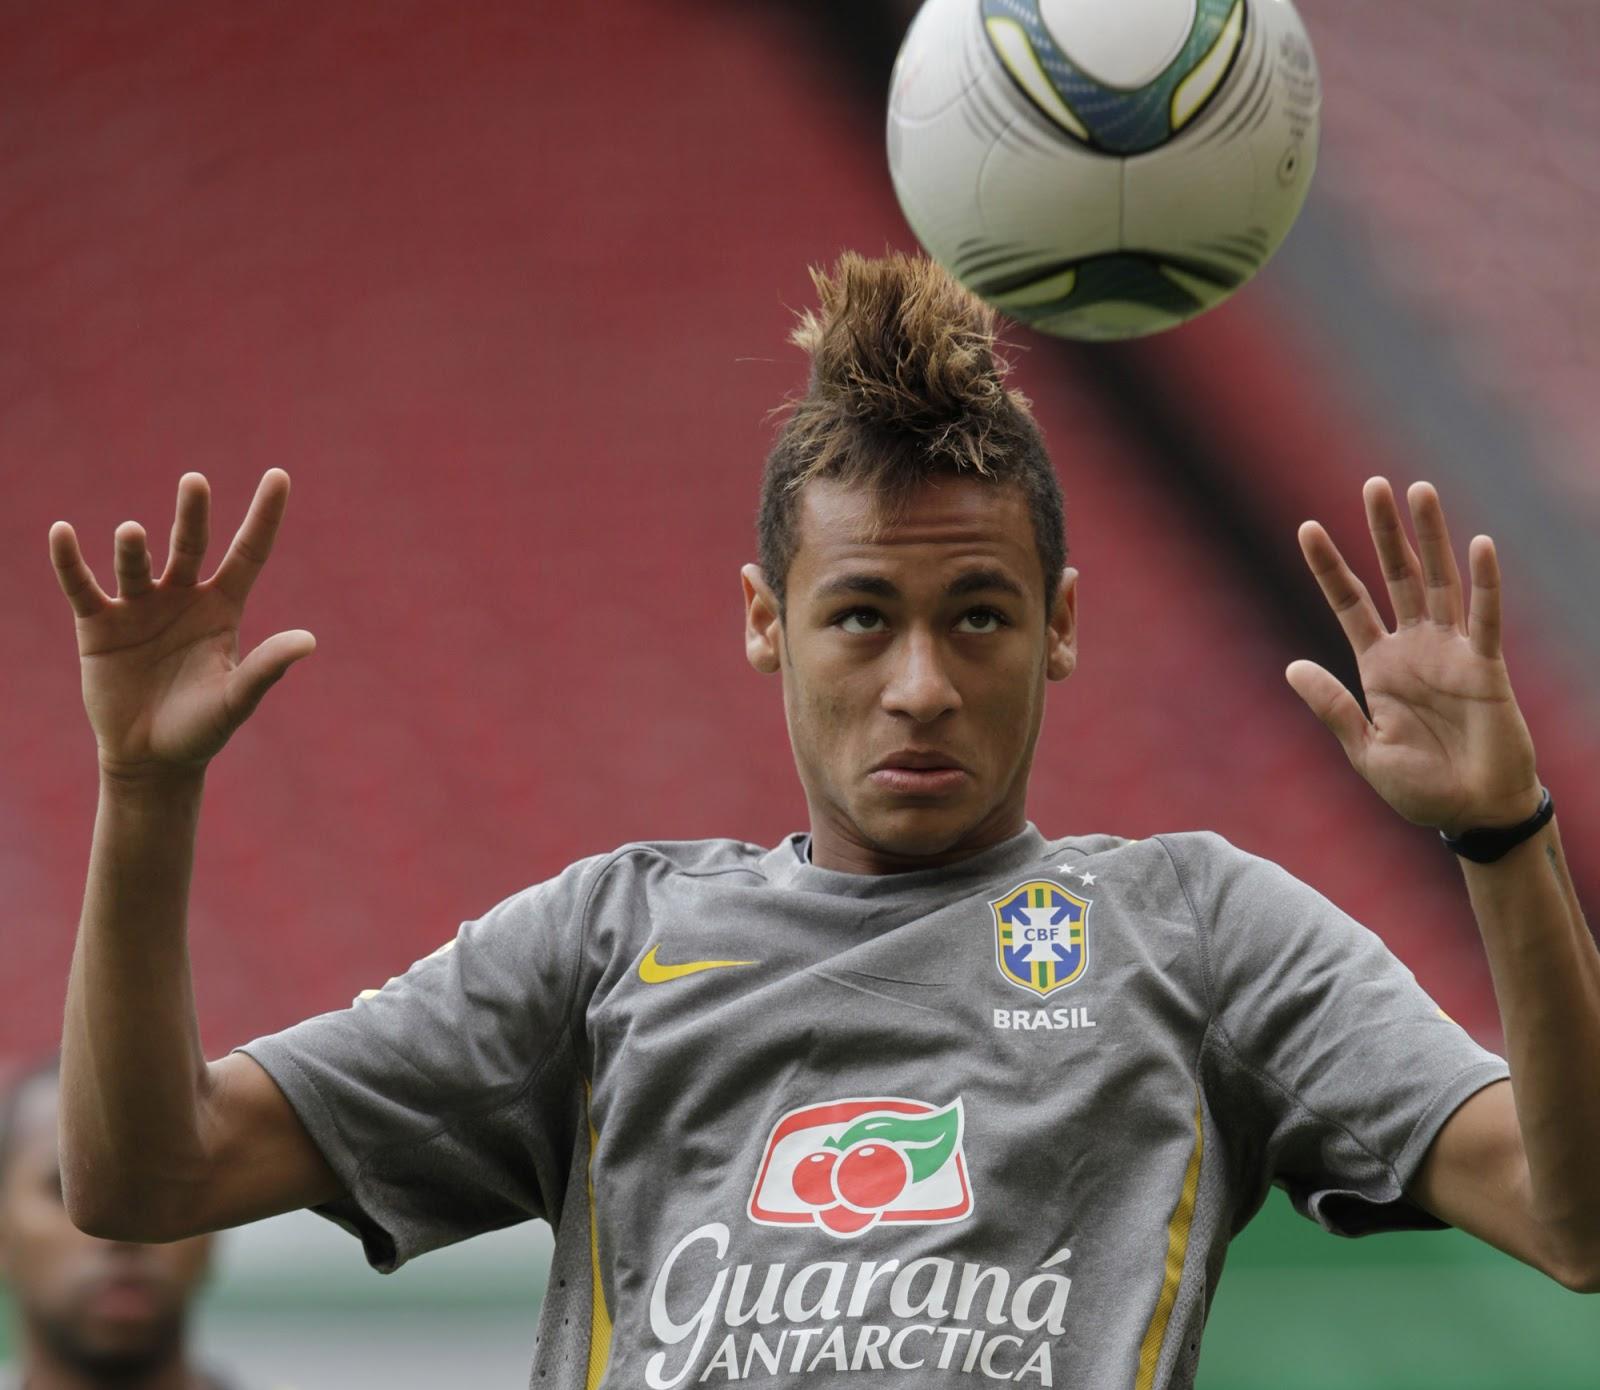 http://1.bp.blogspot.com/-ojl93RfhQlw/UPjrsUGcYFI/AAAAAAAAACU/AGRZcLfYdGE/s1600/Neymar%2BTraining%2BSchedule%2BWallpaper.jpg